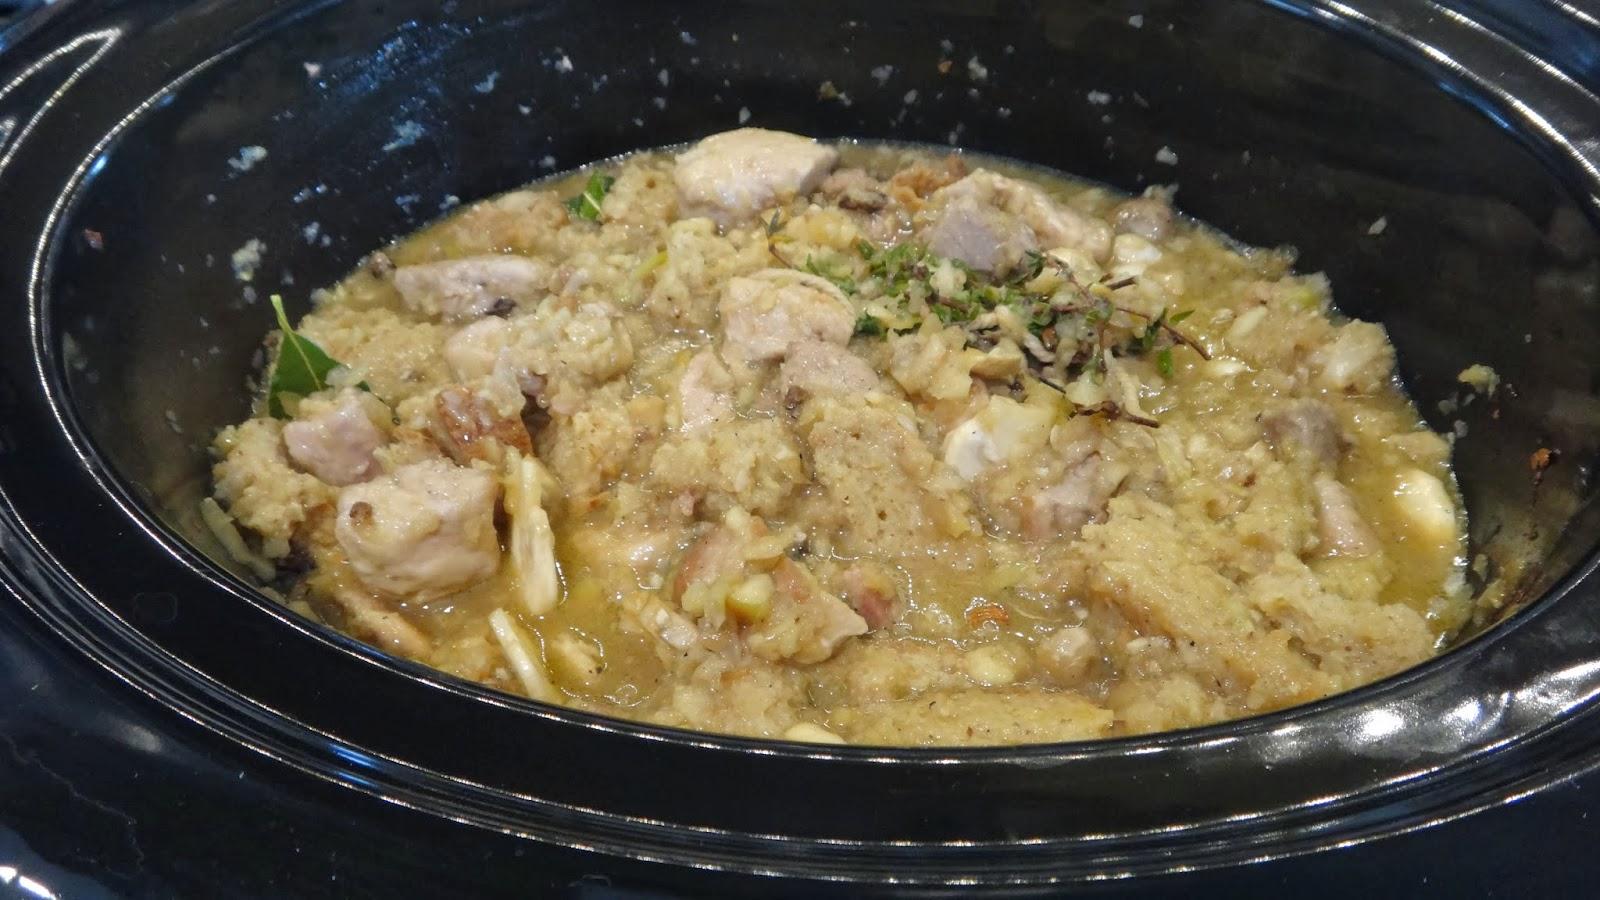 ... tomatillo pork stew slow cooker cheater pork stew harvest pork stew